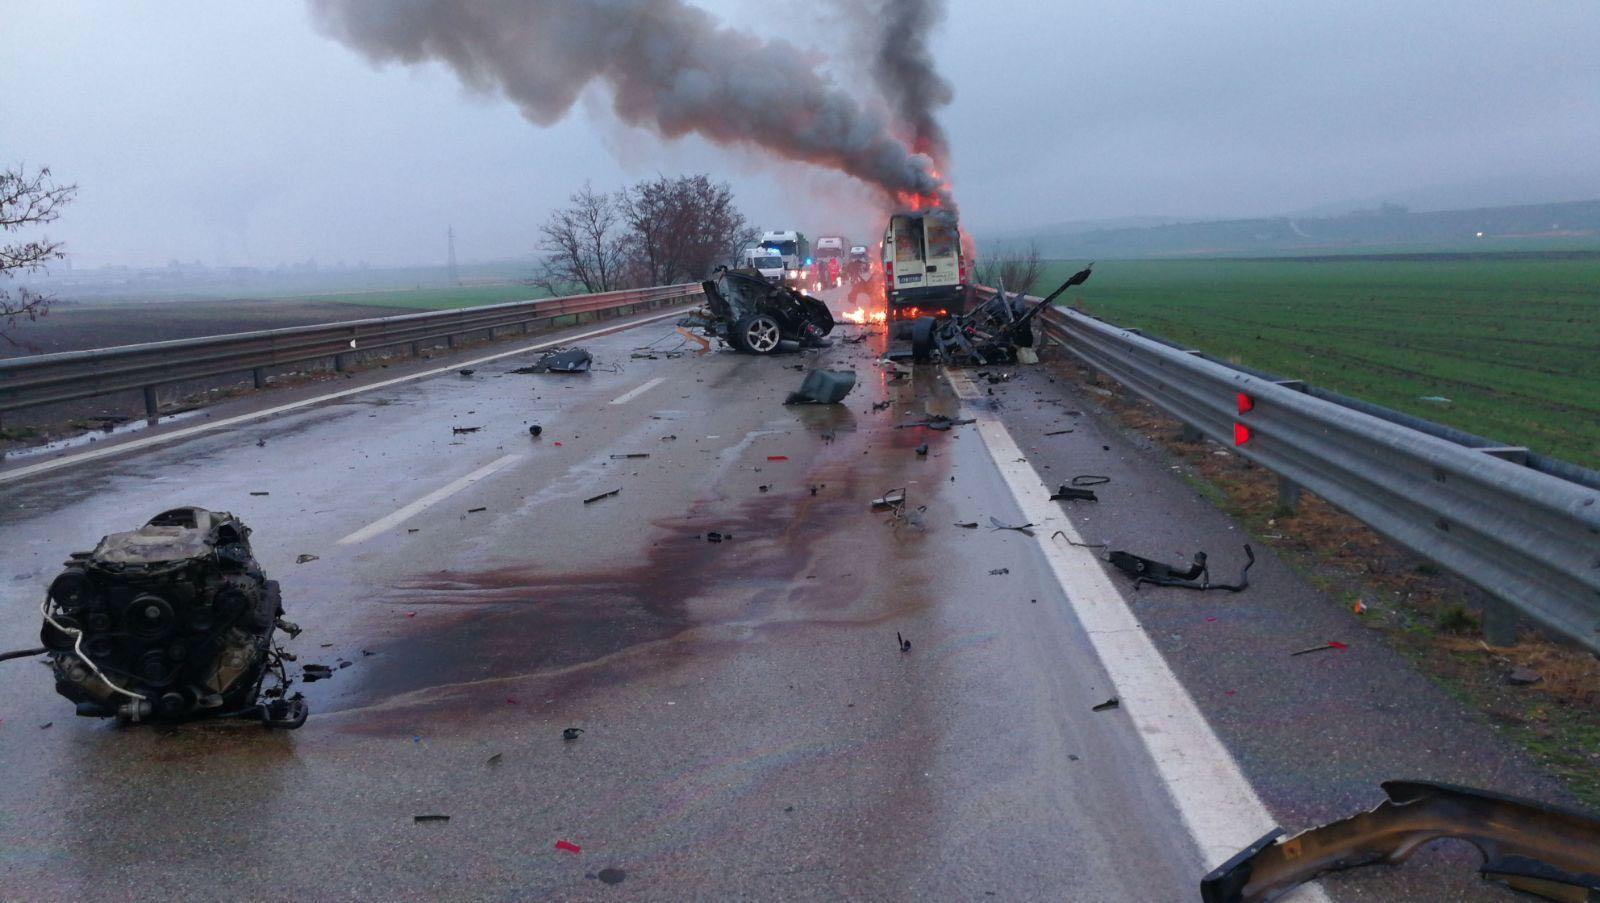 VIDEO - Incidente mortale questa mattina a Melfi: tre vittime nello scontro tra un'auto e un furgone